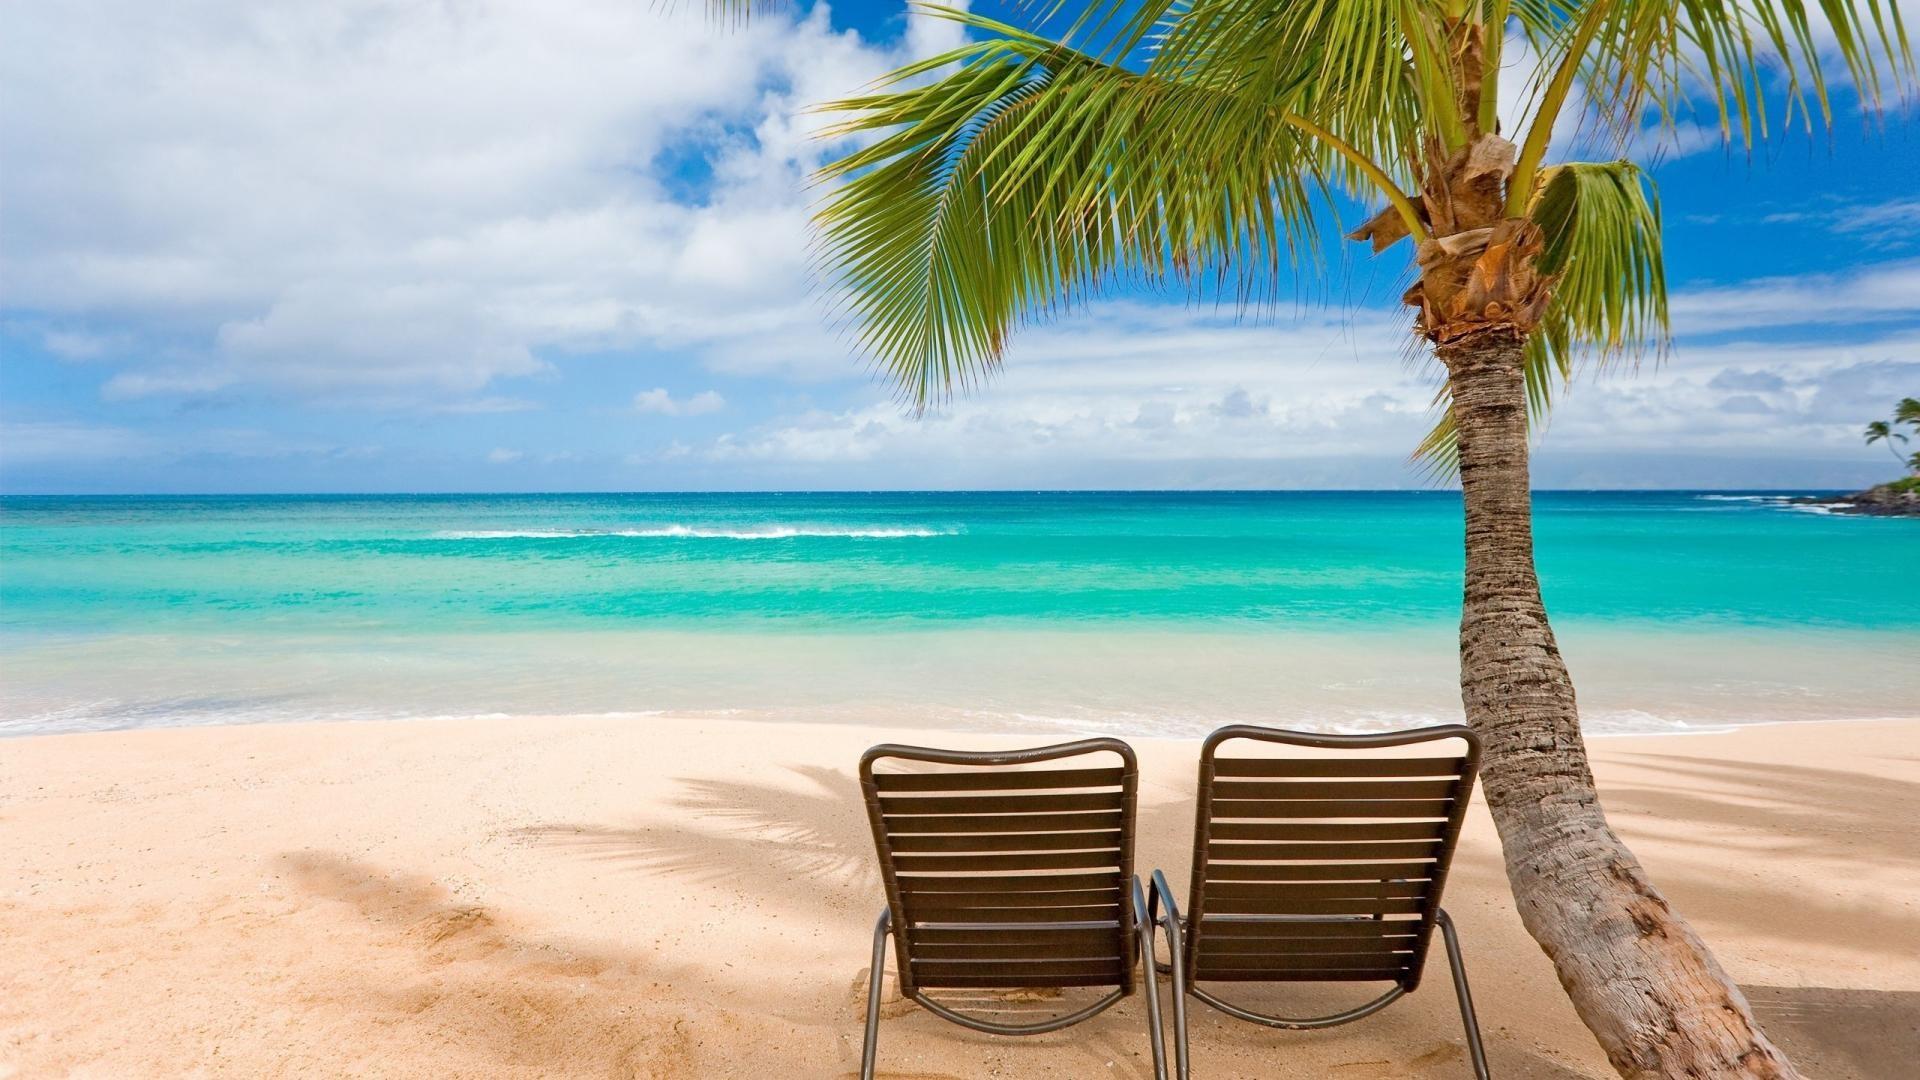 Maui Beach Chairs HD Wallpaper